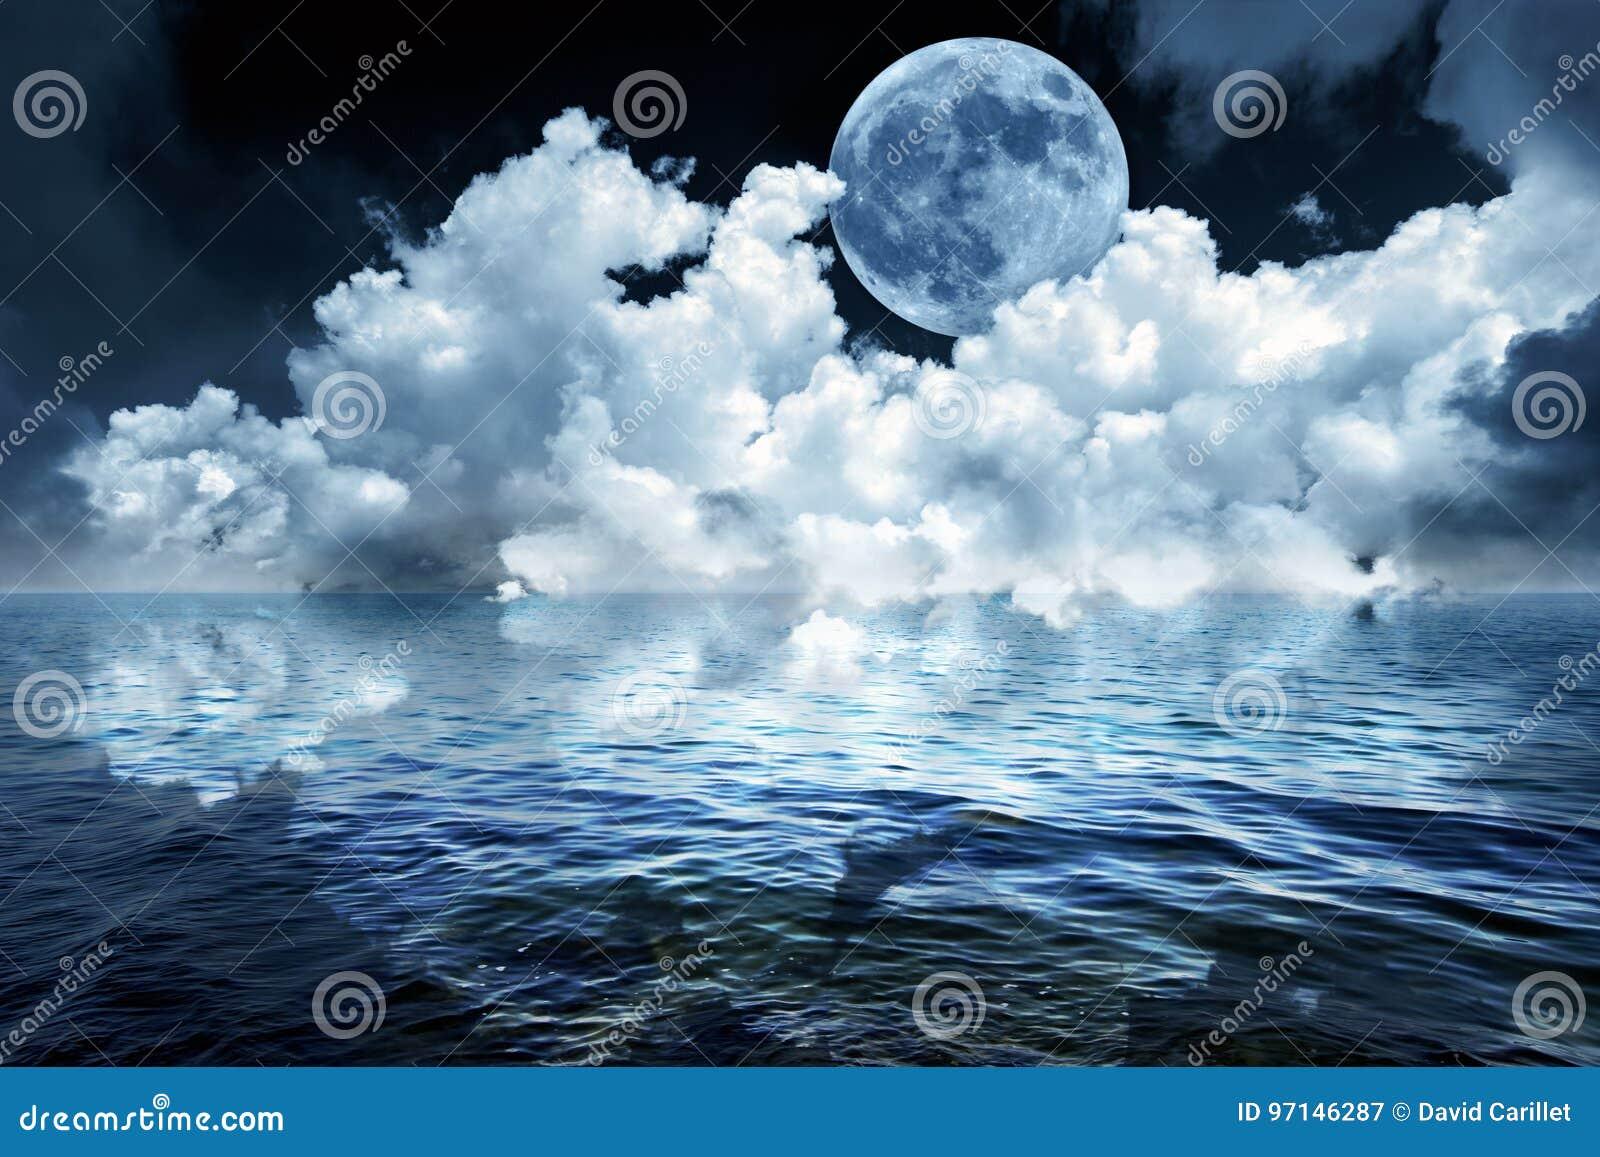 Duży księżyc w pełni w nocnym niebie nad oceanem odbija w spokój wodzie